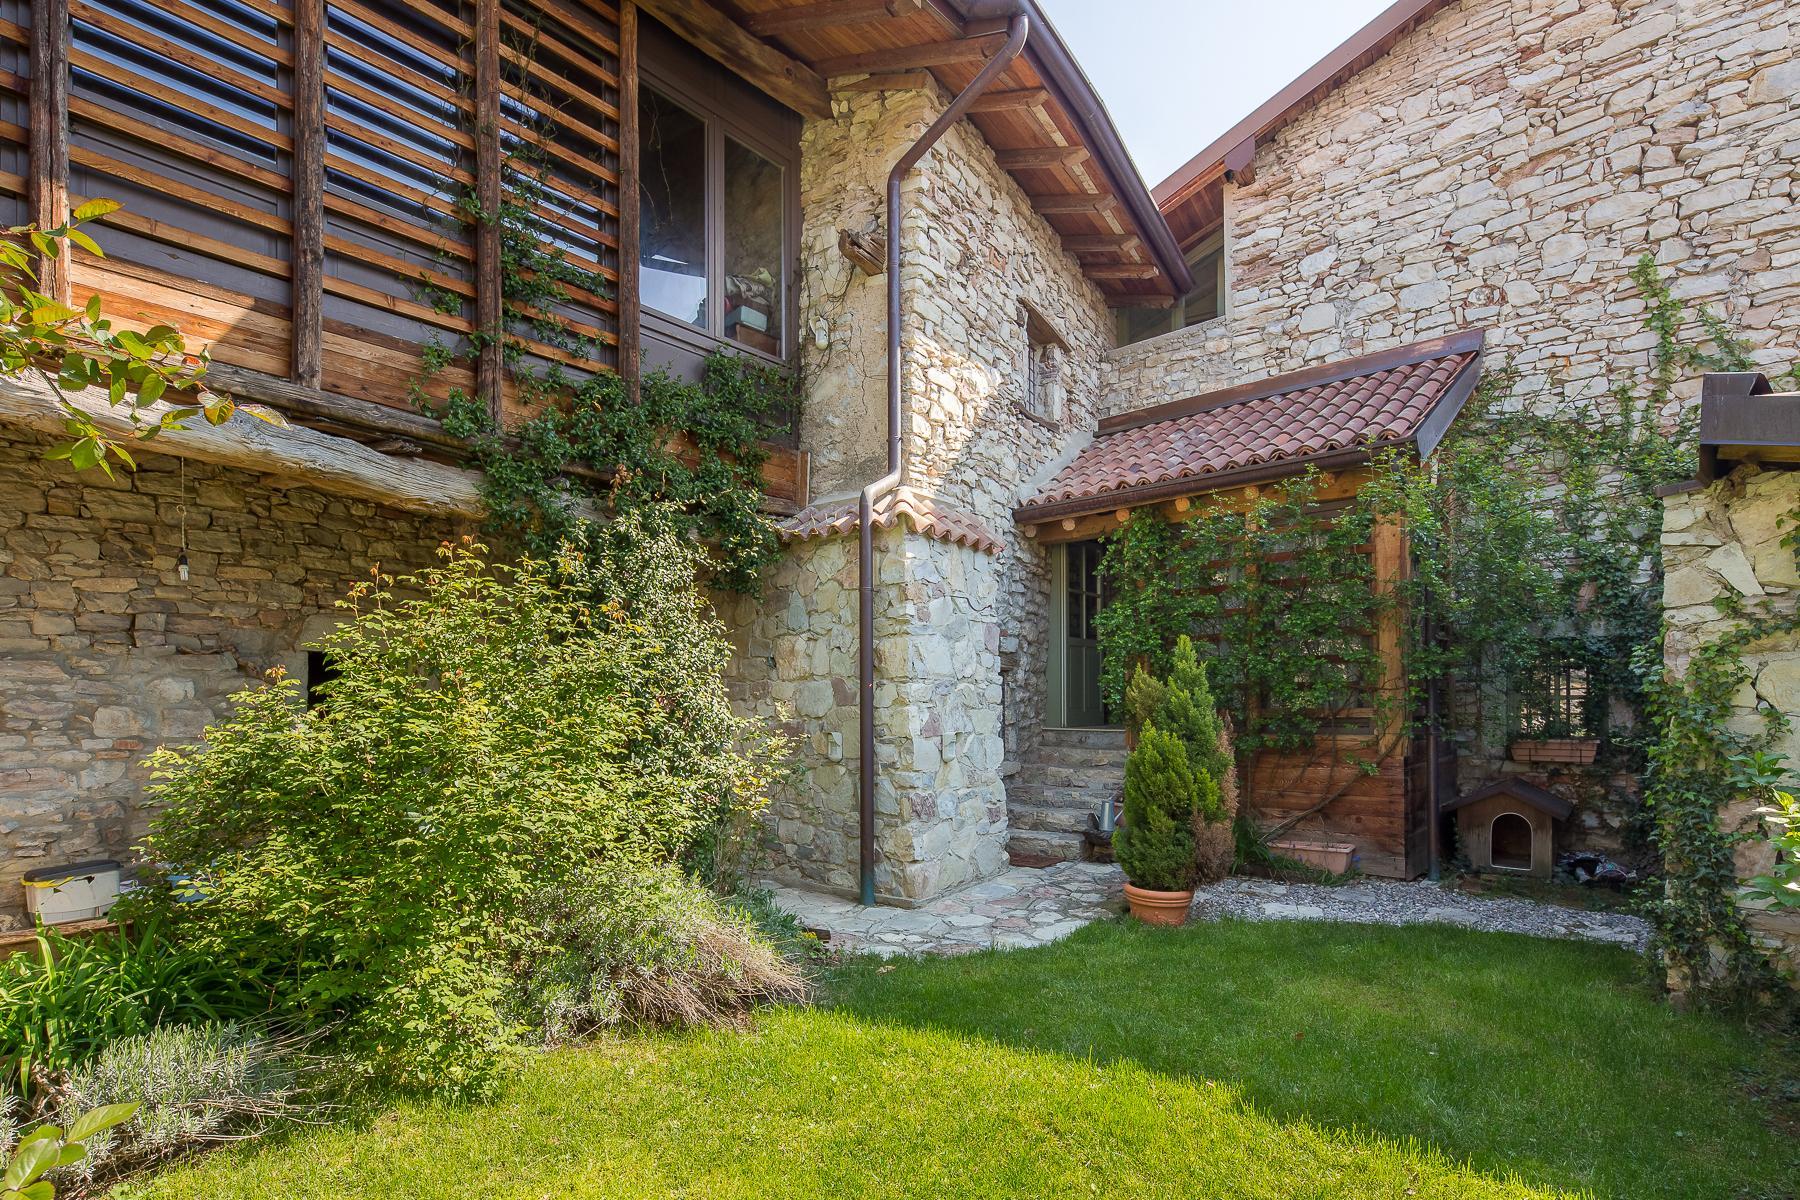 坐落在山坡之上安静村庄内的石头房屋 - 3